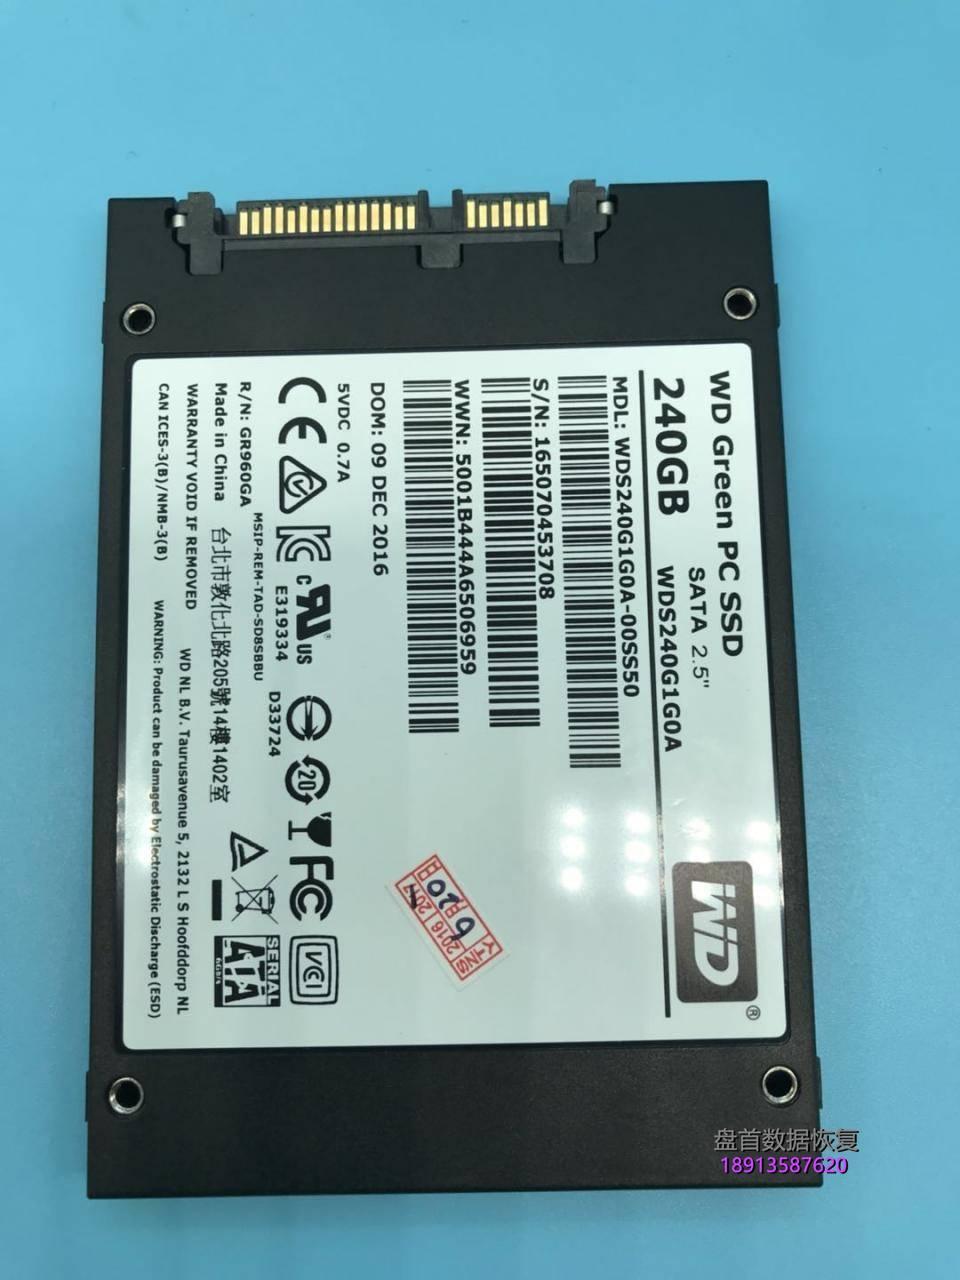 西部数据-wds240g1g0a-ssd固态硬盘无法识别主控型号为sm2258xt数据-7 西部数据 WDS240G1G0A SSD固态硬盘无法识别主控型号为SM2258XT数据恢复完美成功